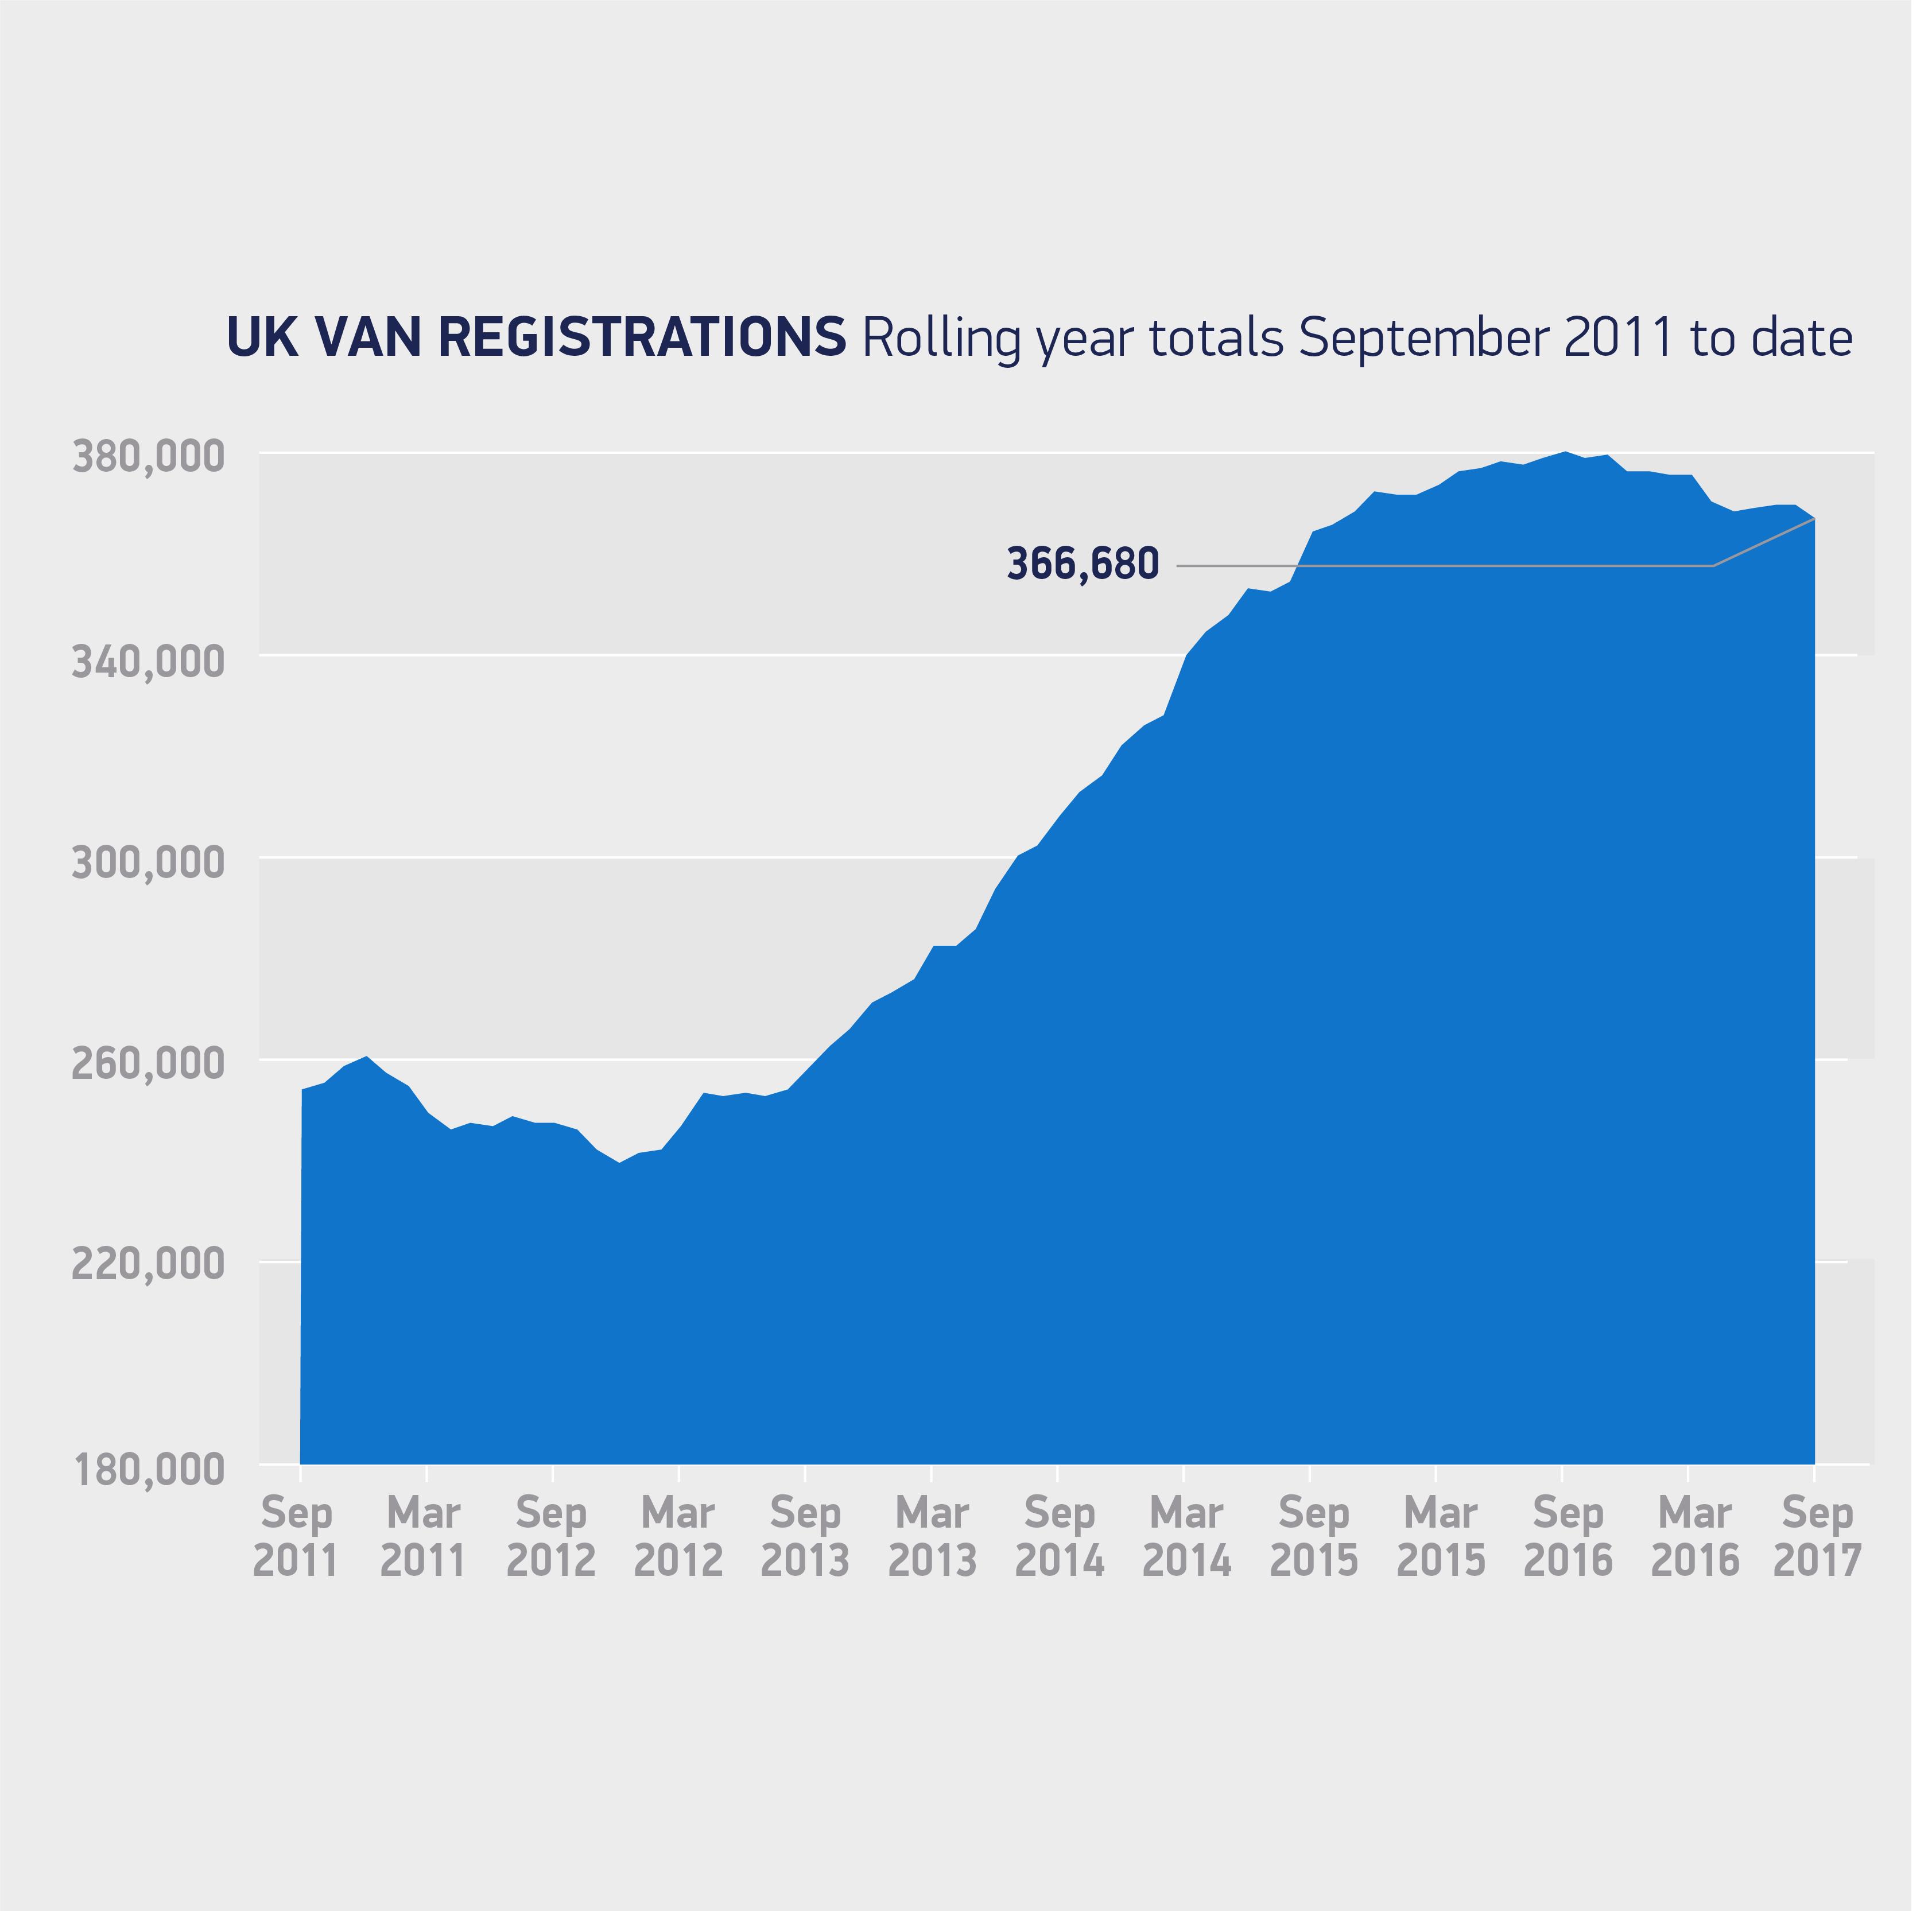 UK New Light Commercial Vehicle Registration Data, Vans